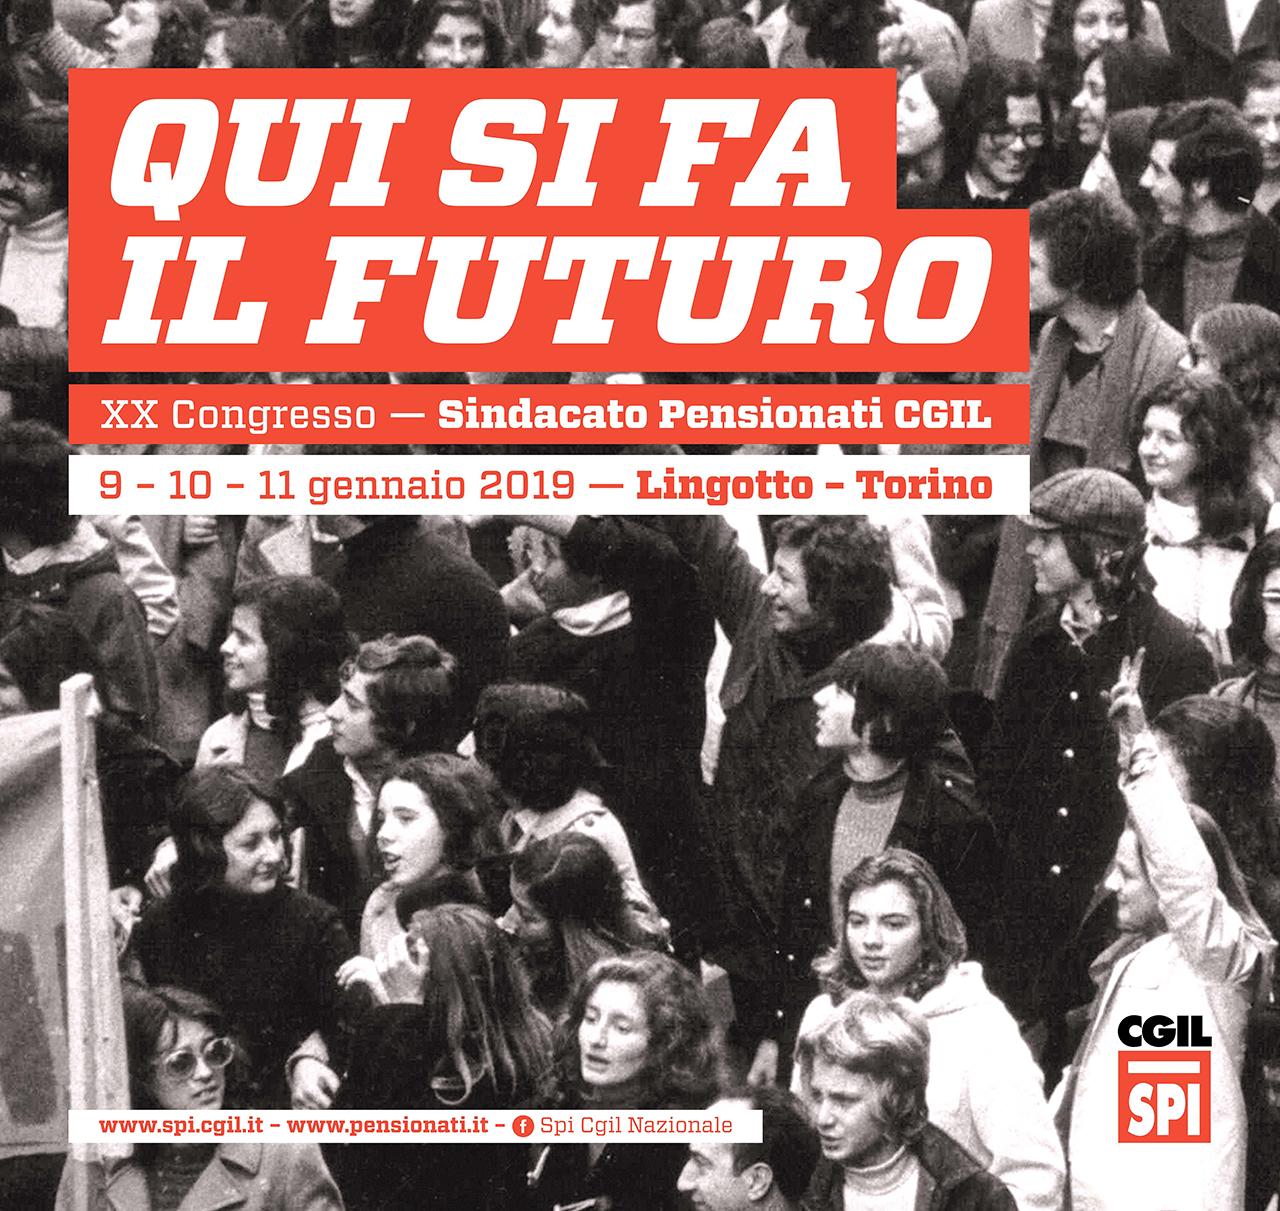 Dal 9 all'11 gennaio 2019 a Torino il Congresso nazionale dello Spi-Cgil